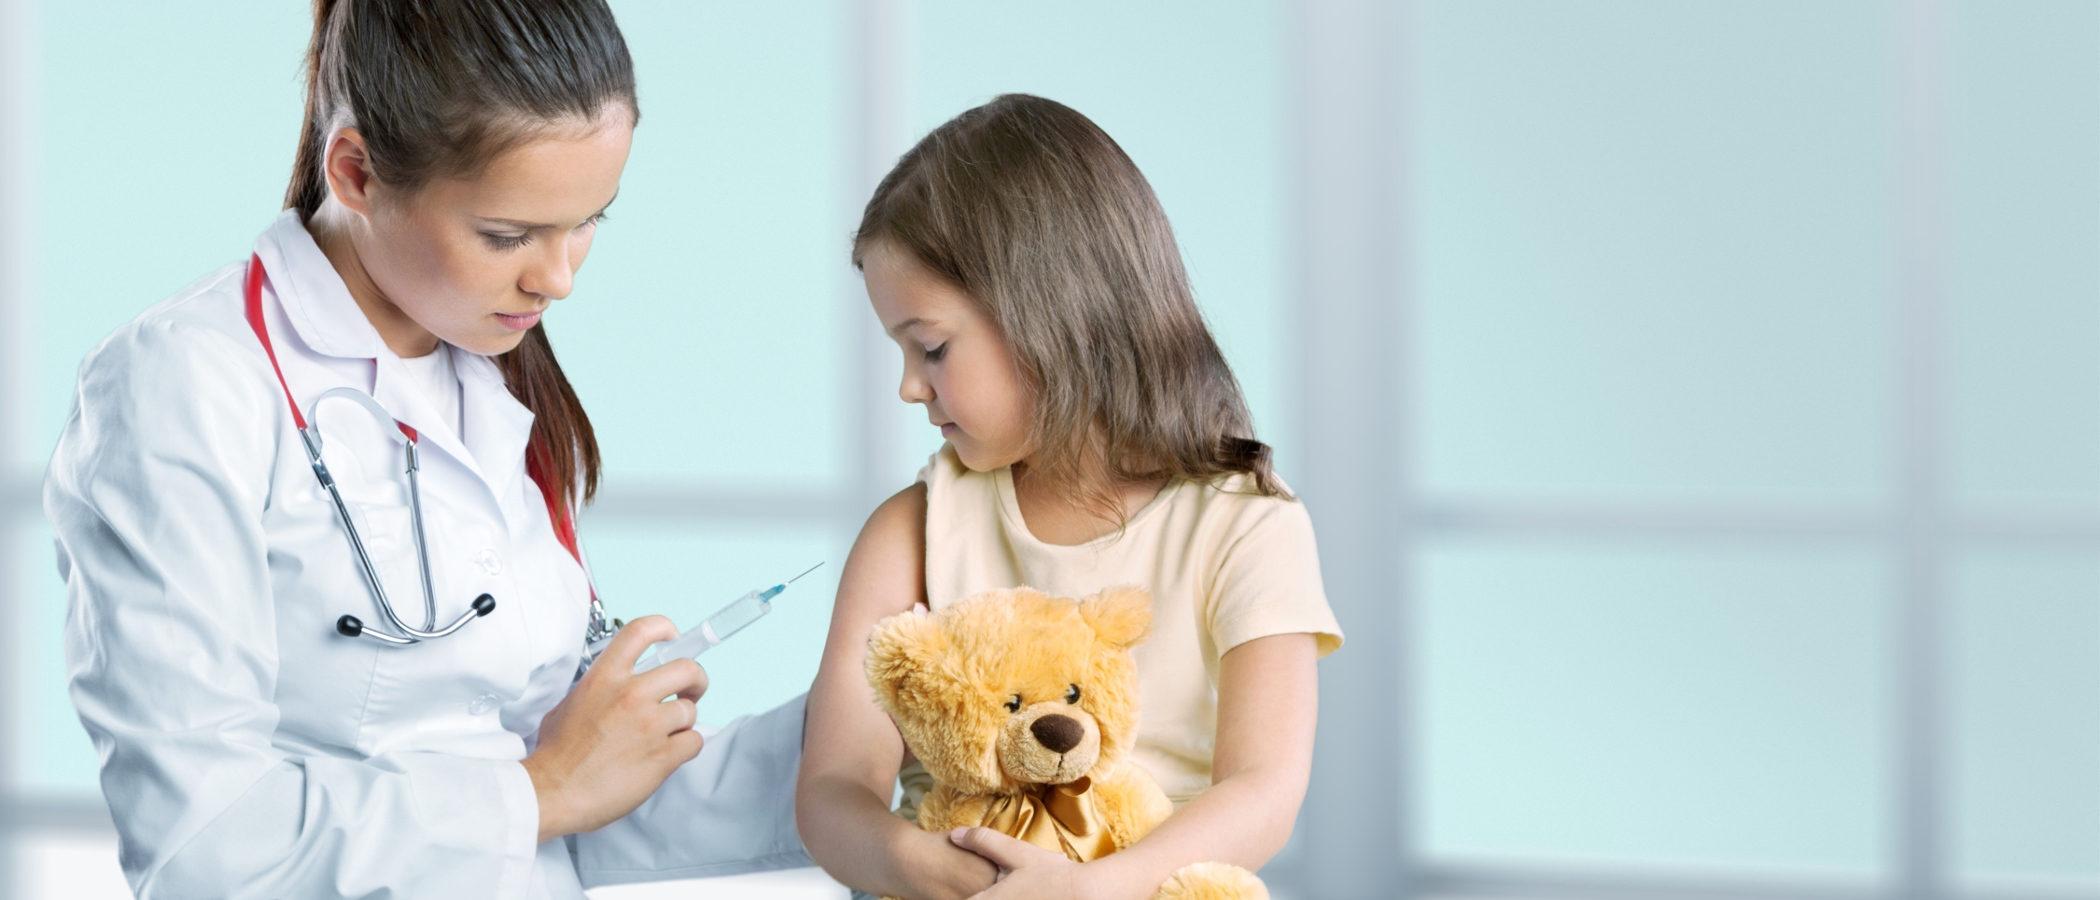 ¿Provocan las vacunas autismo? Desmontamos el mito